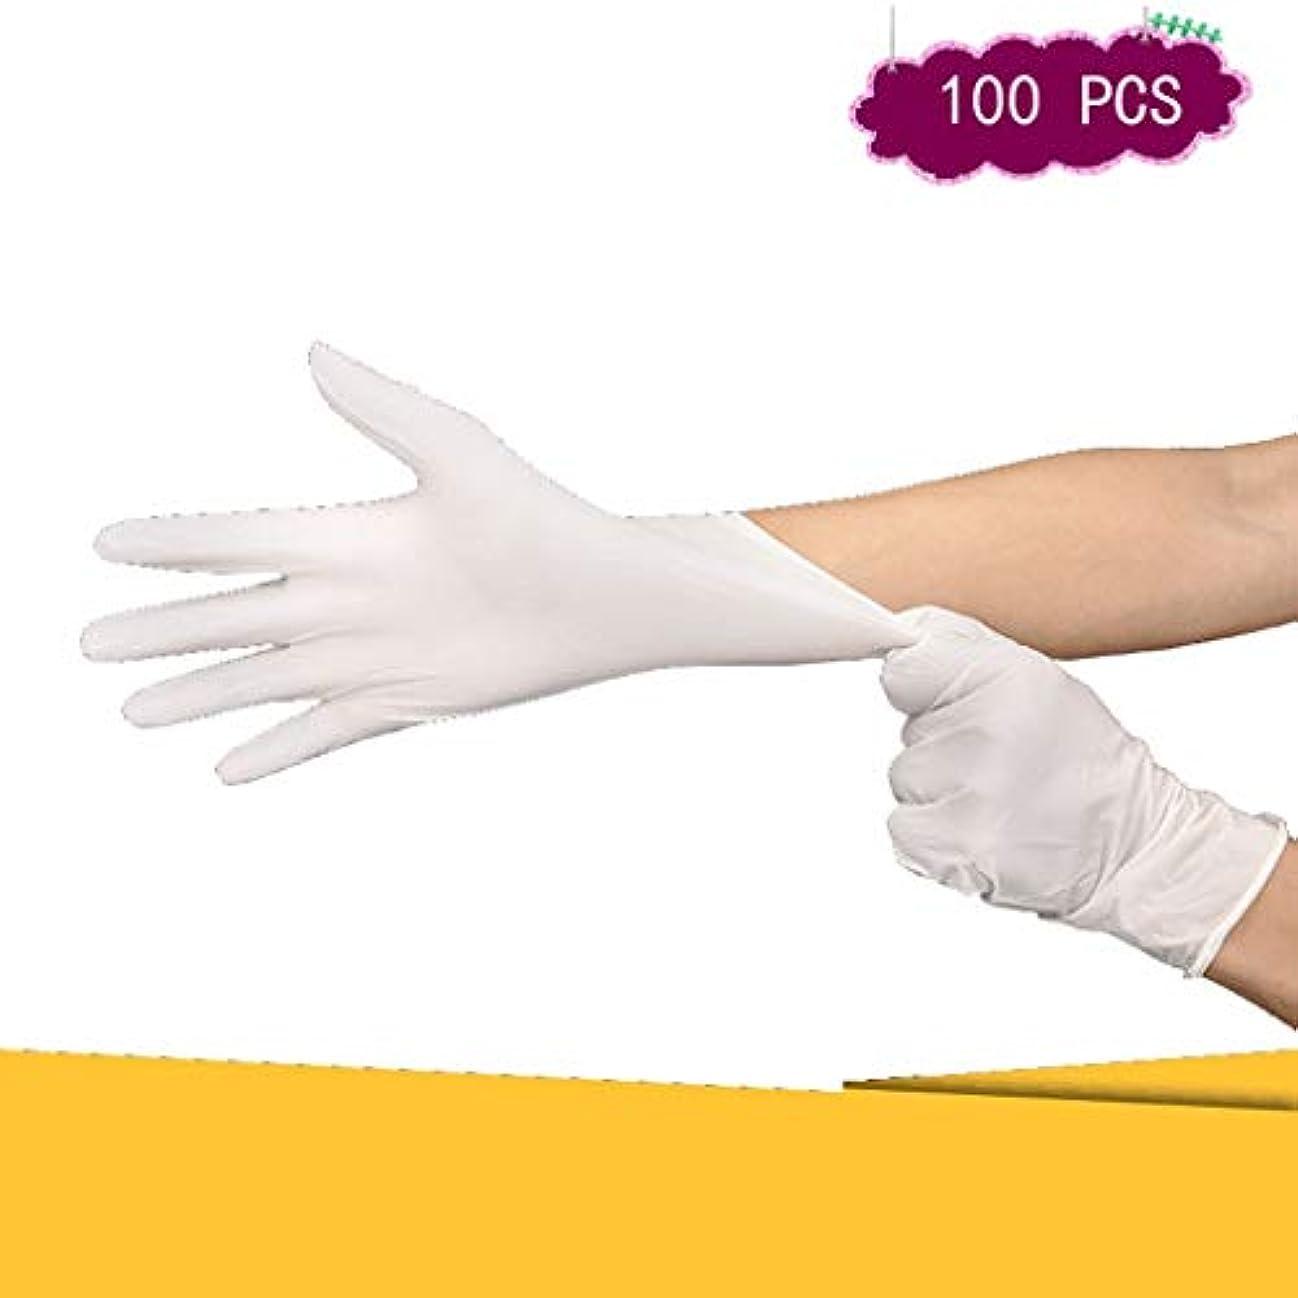 描写うんファンブル使い捨てラテックス手袋ニトリル工業用酸とアルカリアンチスリップ耐摩耗性、表面摩耗手袋厚み付けないパウダー (Size : M)